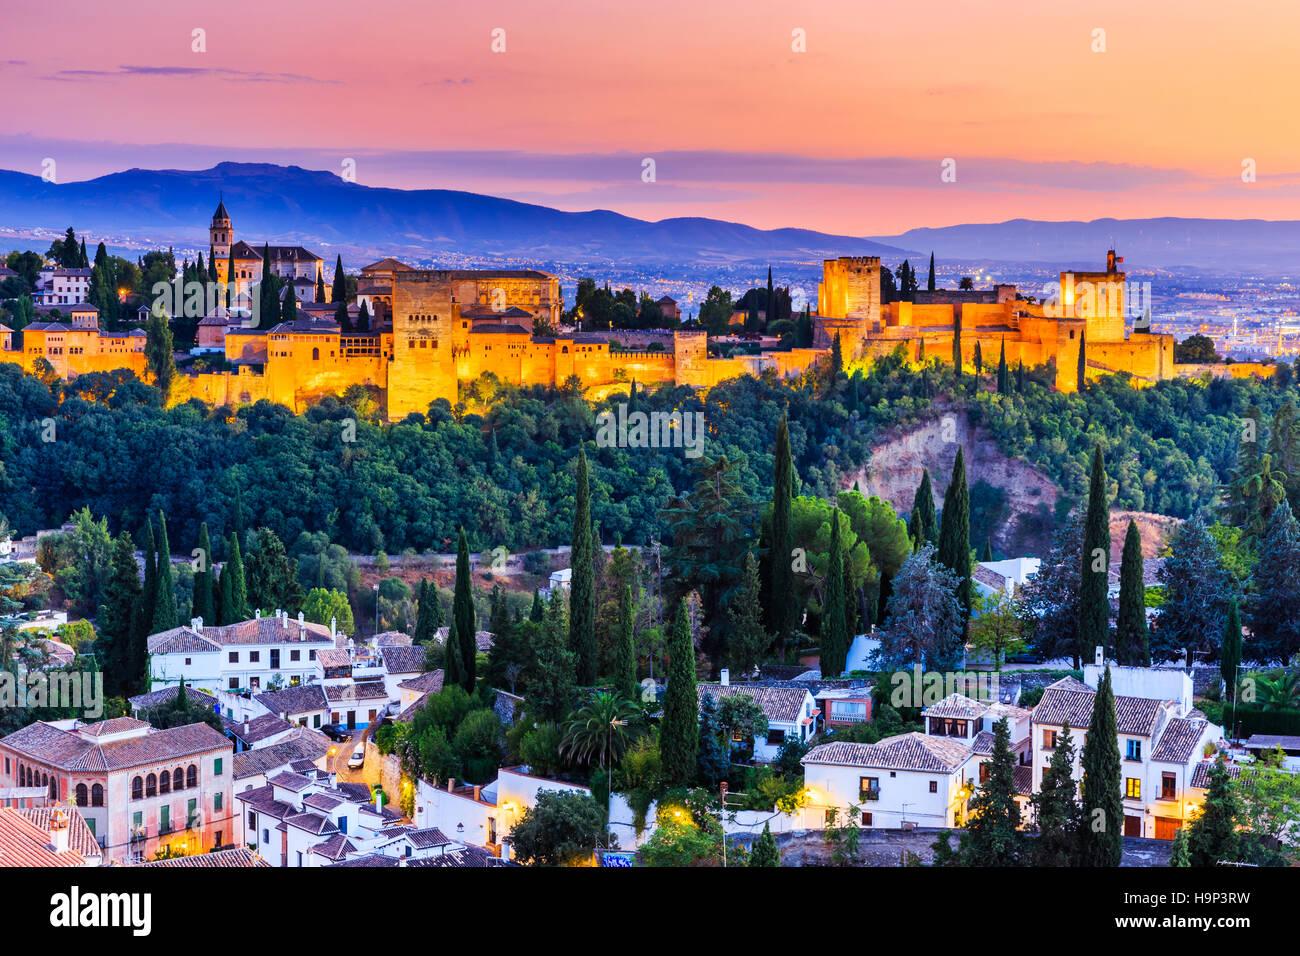 Alhambra di Granada, Spagna. Fortezza di Alhambra al crepuscolo. Immagini Stock